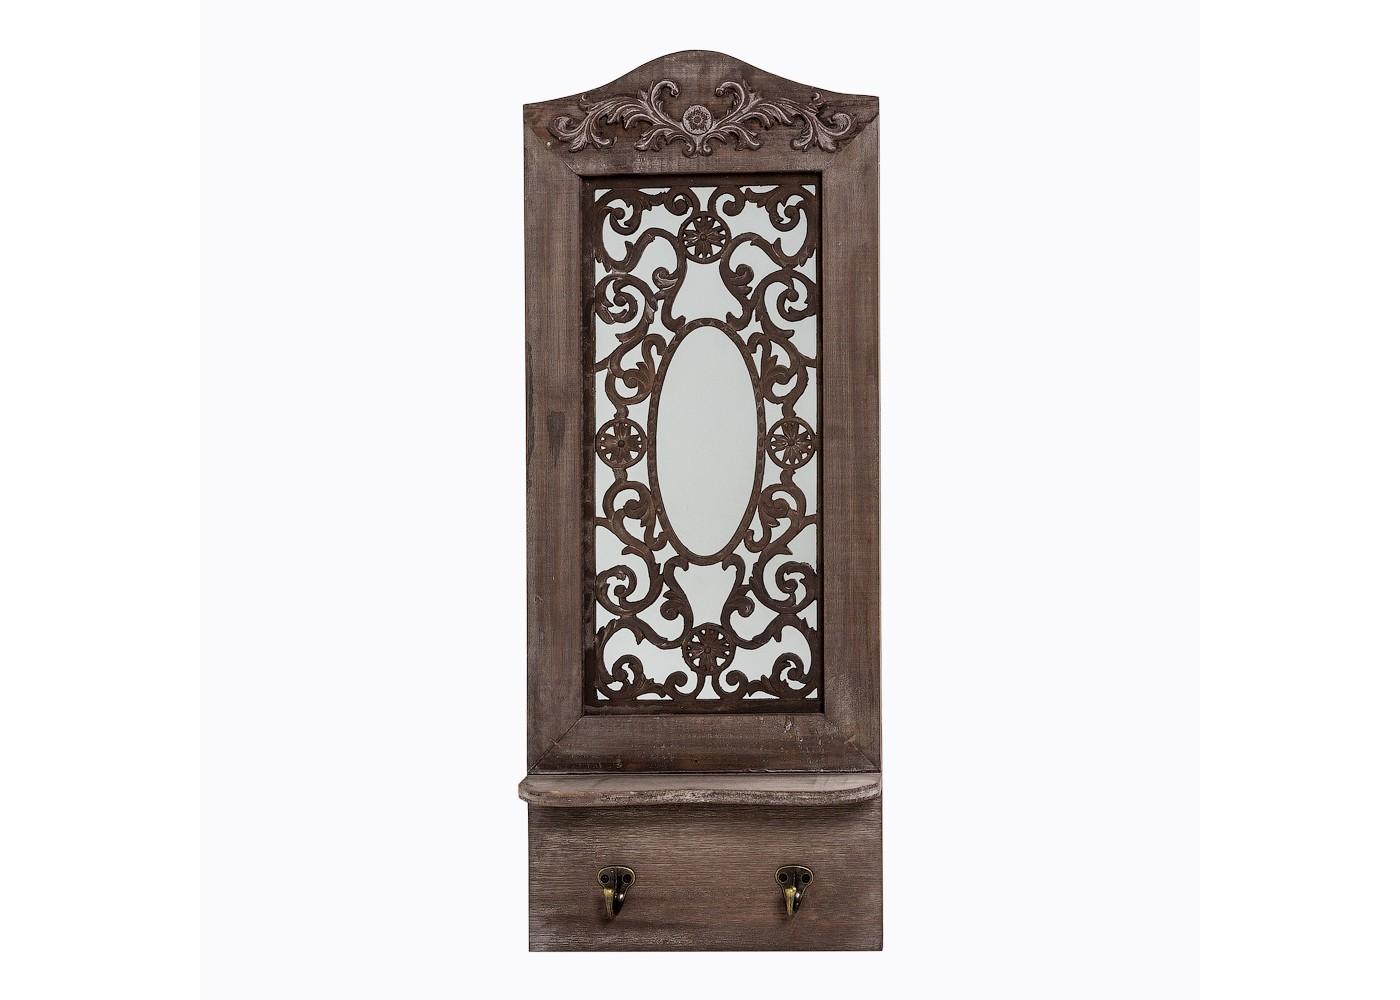 Настенное зеркало «Авиньон» (шоколадный антик)Настенные зеркала<br>&amp;quot;Авиньон&amp;quot; ? оригинальный декор, изюминка которого заключается в ювелирном исполнении романтичного орнамента. Выполненный на зеркальной поверхности, он удваивает свою элегантность, которая будто становится осязаемой благодаря отражению. Благородство патинированной натуральной ели, ее уникальная фактура и богатая палитра, добавляют декору винтажный шарм. А дополнения в виде двух золотистых крючков и аккуратной полочки ? функциональность, которая не будет лишней ни в одном интерьере.&amp;lt;div&amp;gt;&amp;lt;br&amp;gt;&amp;lt;/div&amp;gt;&amp;lt;div&amp;gt;Размер: 28?70?9 см.&amp;lt;/div&amp;gt;&amp;lt;div&amp;gt;Вес: 2 кг.&amp;lt;/div&amp;gt;<br><br>Material: Дерево<br>Width см: 20<br>Depth см: 9<br>Height см: 70